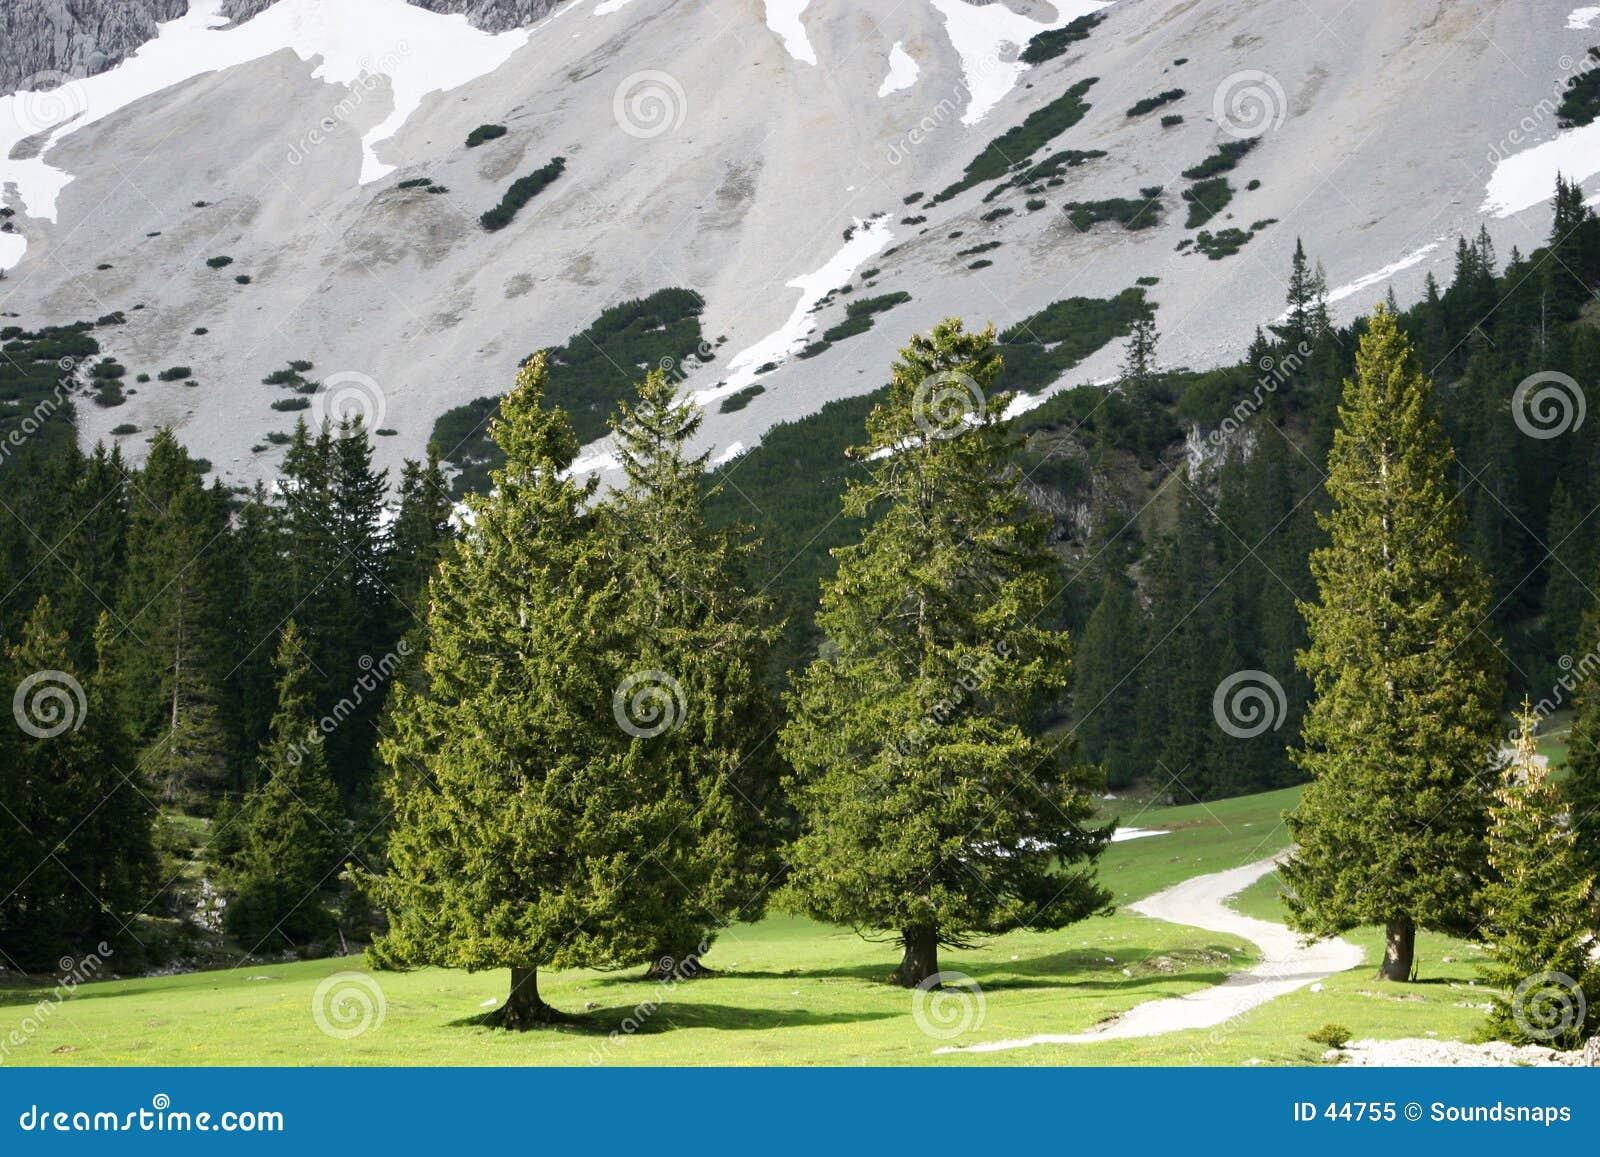 Download Árboles en valle alpestre imagen de archivo. Imagen de misterio - 44755